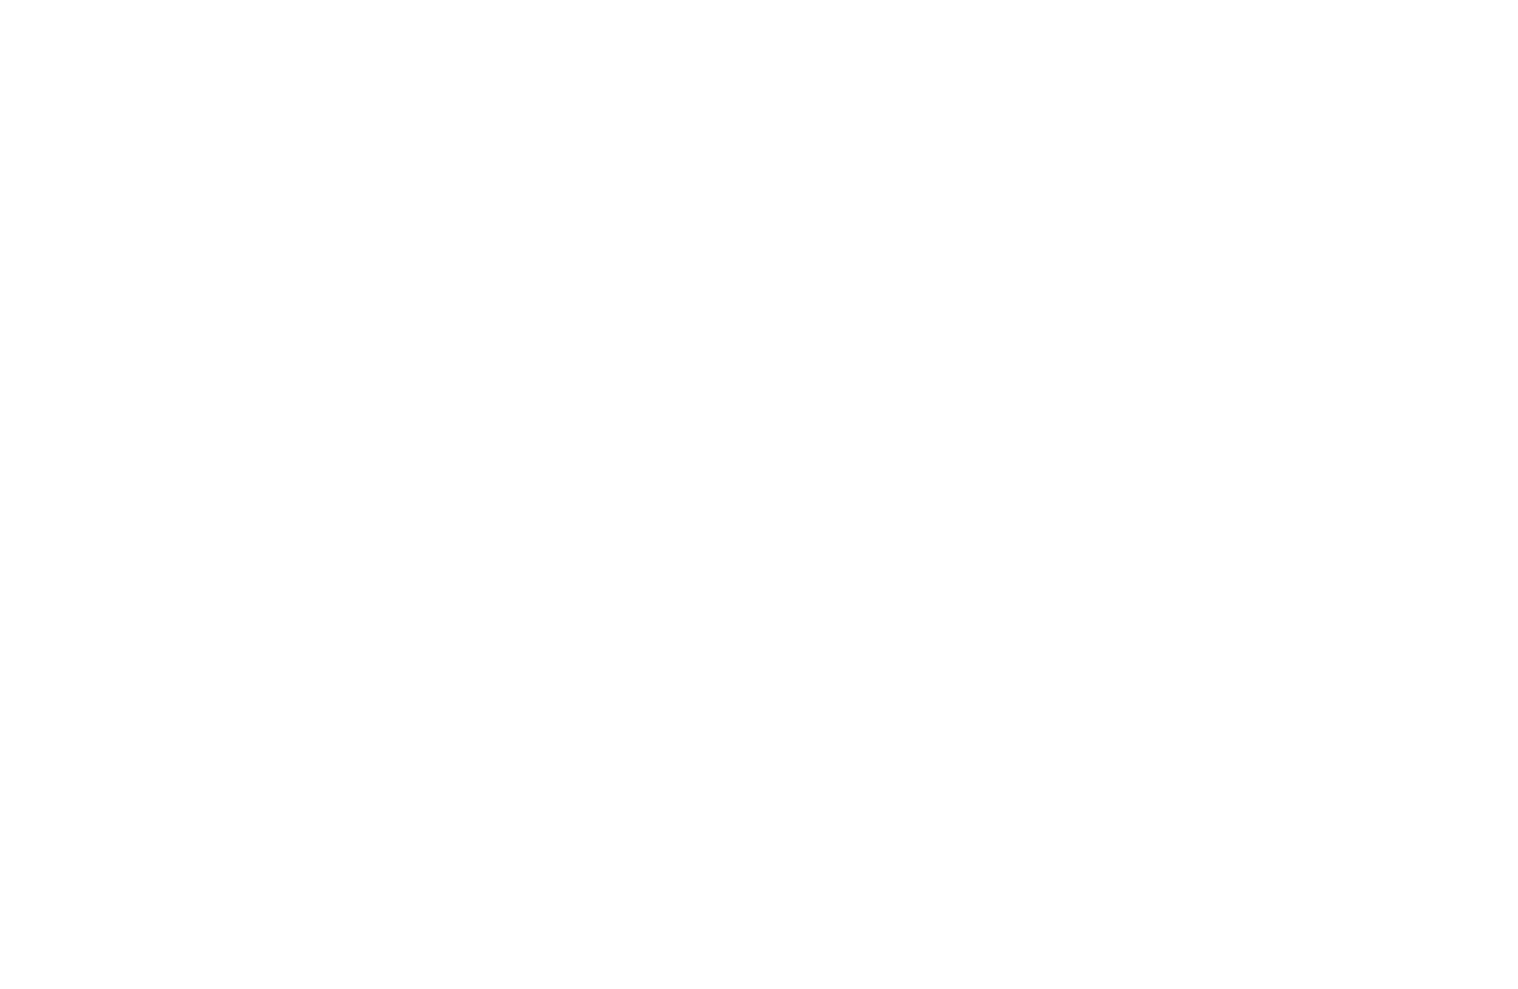 brotbox.